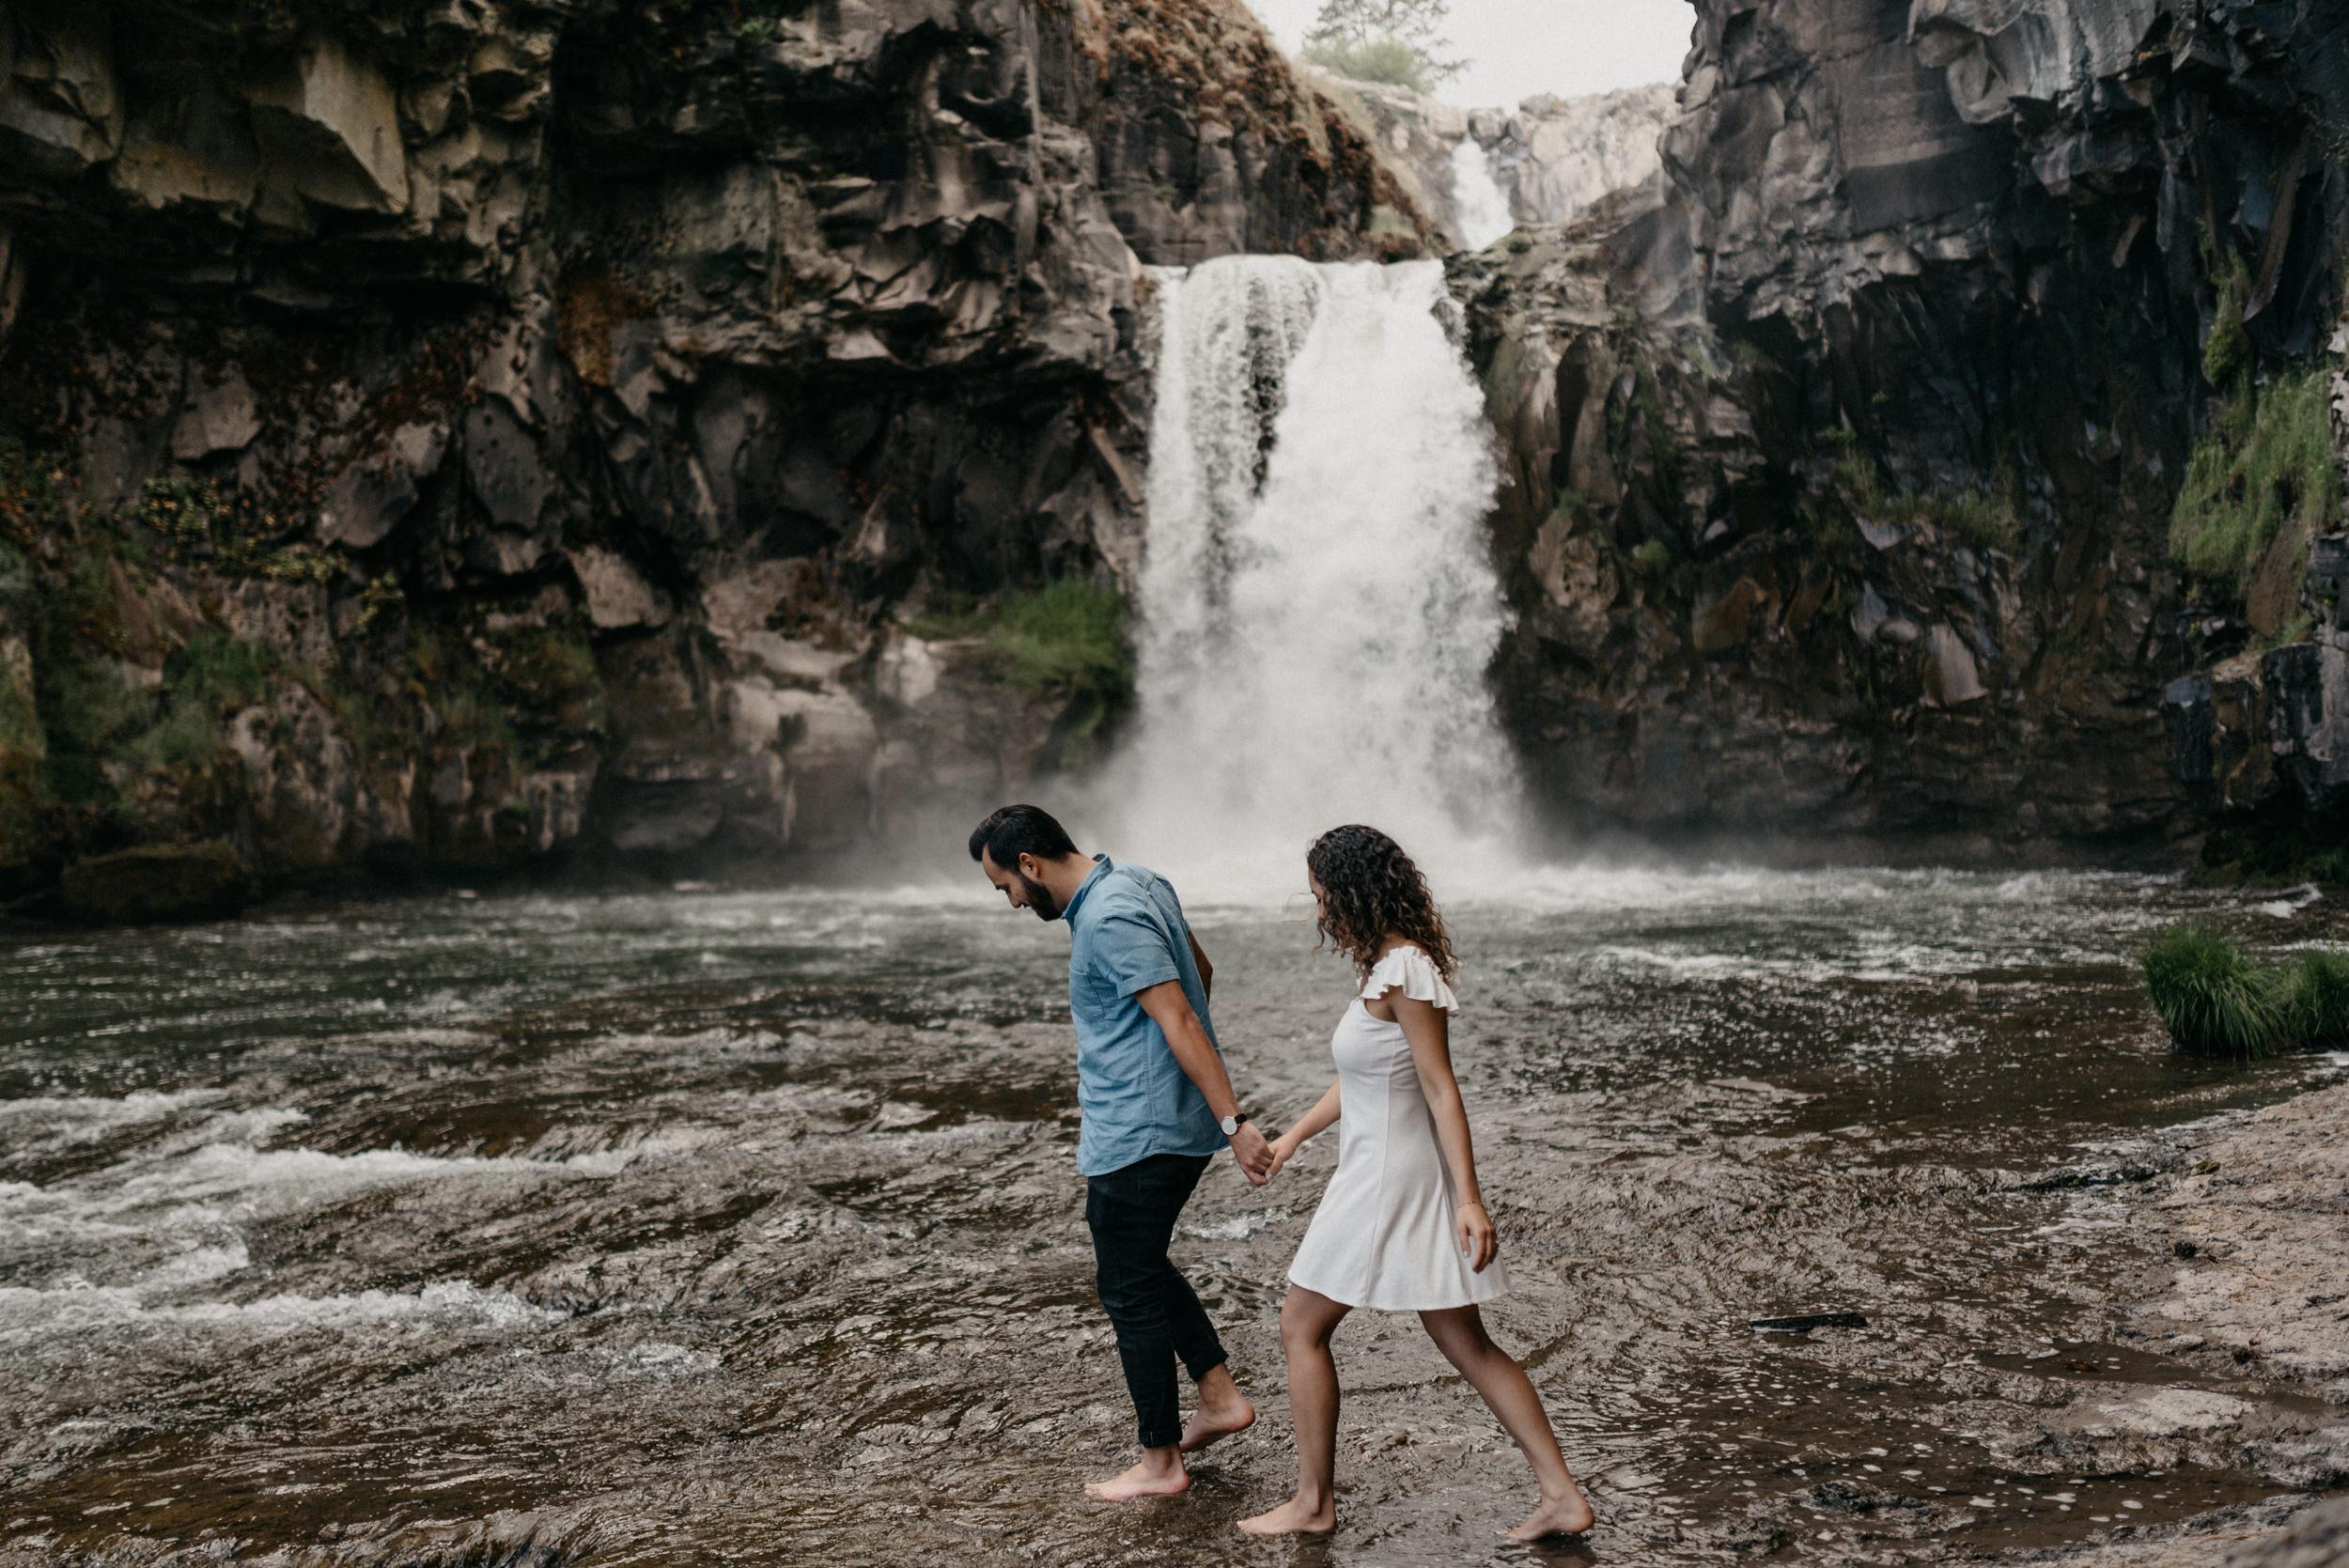 34-White-river-falls-state-park-engagement-5831.jpg